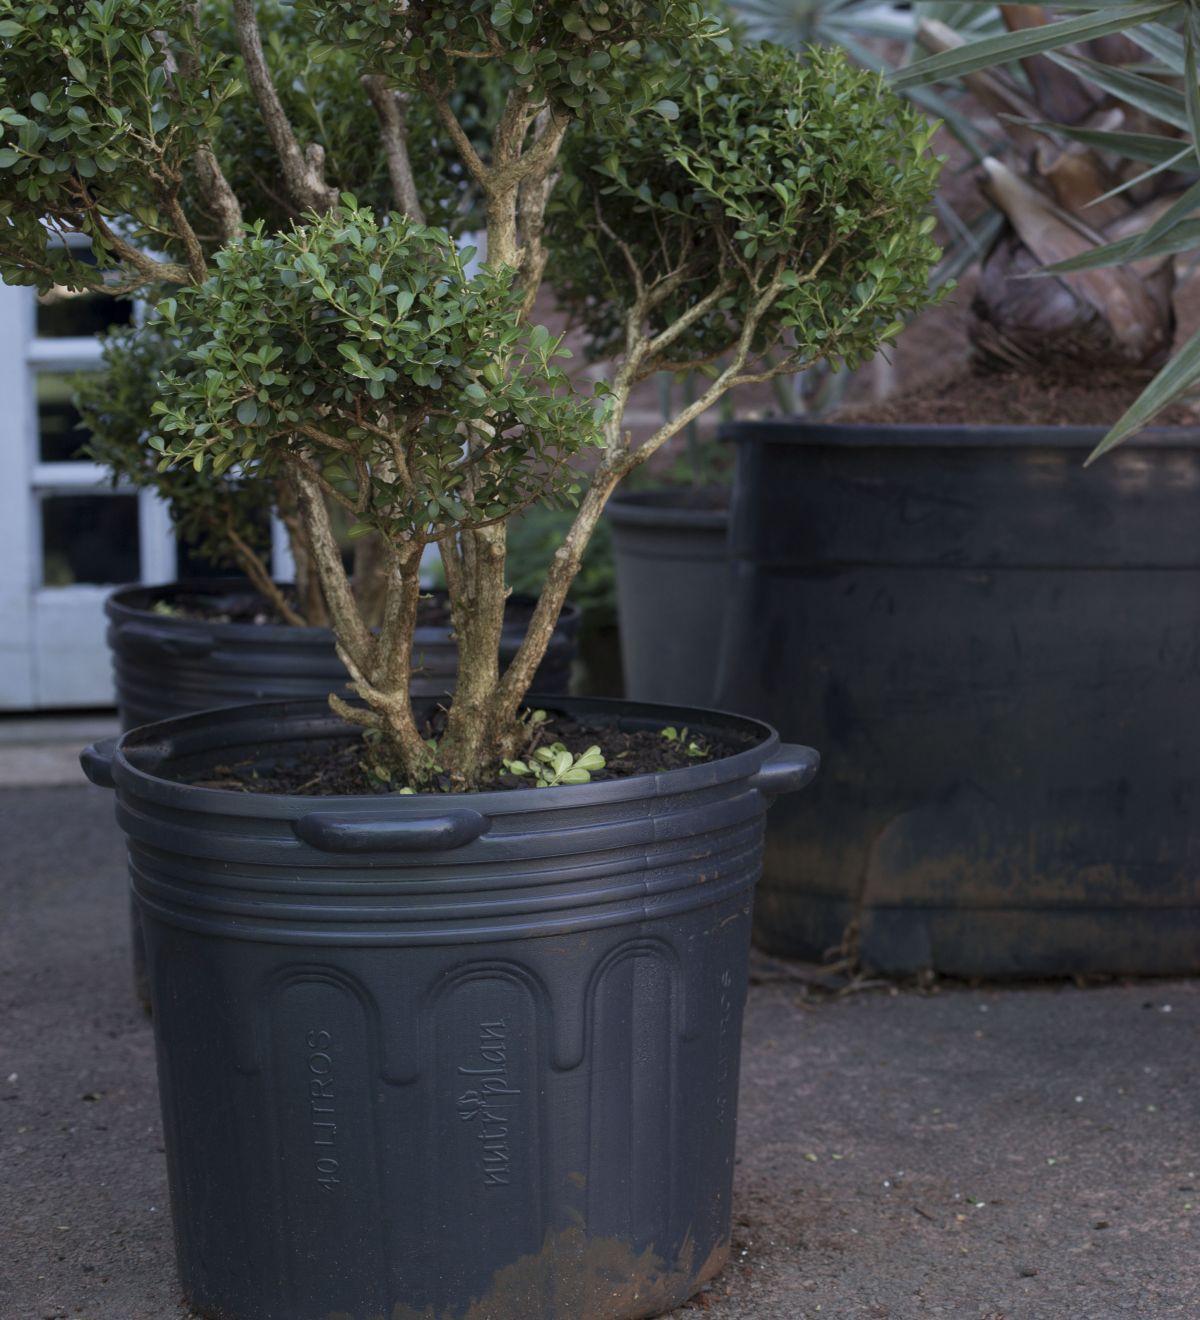 45 Vaso Embalagem para Mudas Plantas Flexível 33L com Alça